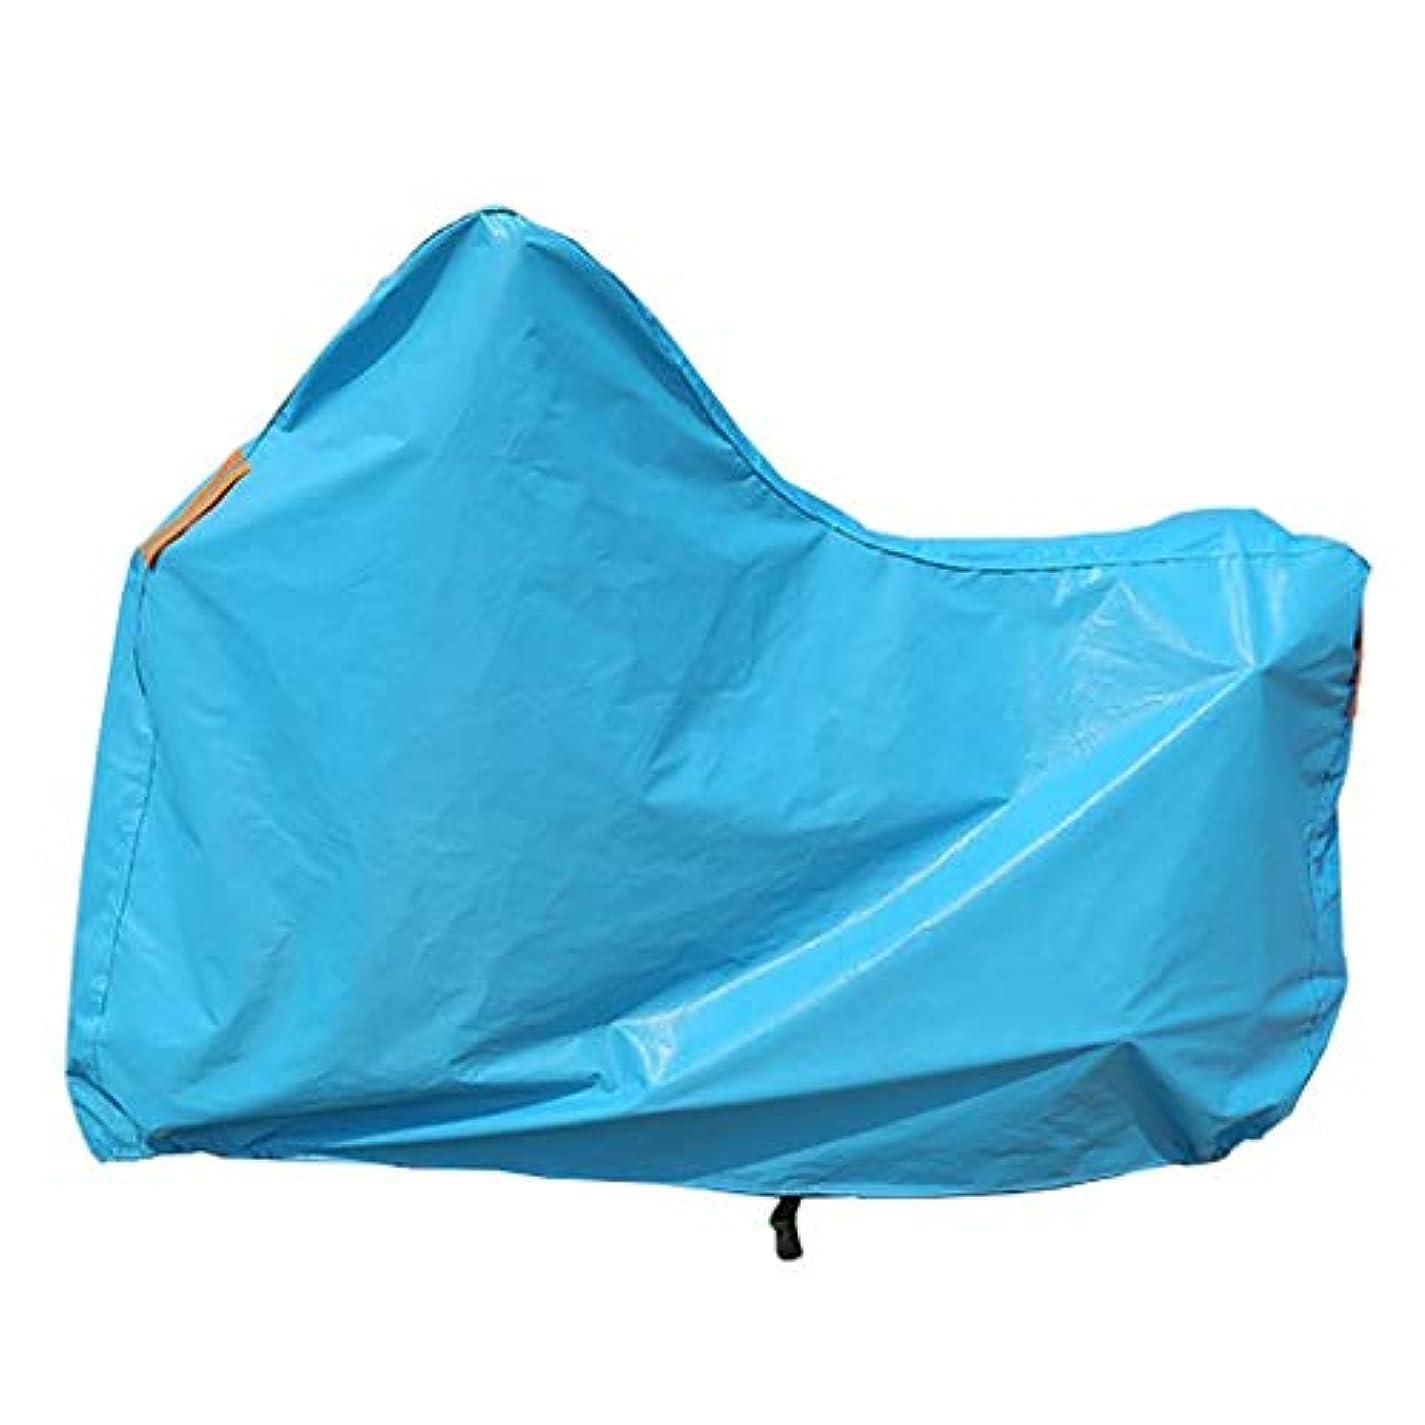 ヘロイン扱いやすい敬自転車カバー頑丈な防水自転車の防塵カバー屋内と屋外の防雨防雨UV弾性裾サイズ200-230 cm(78.7